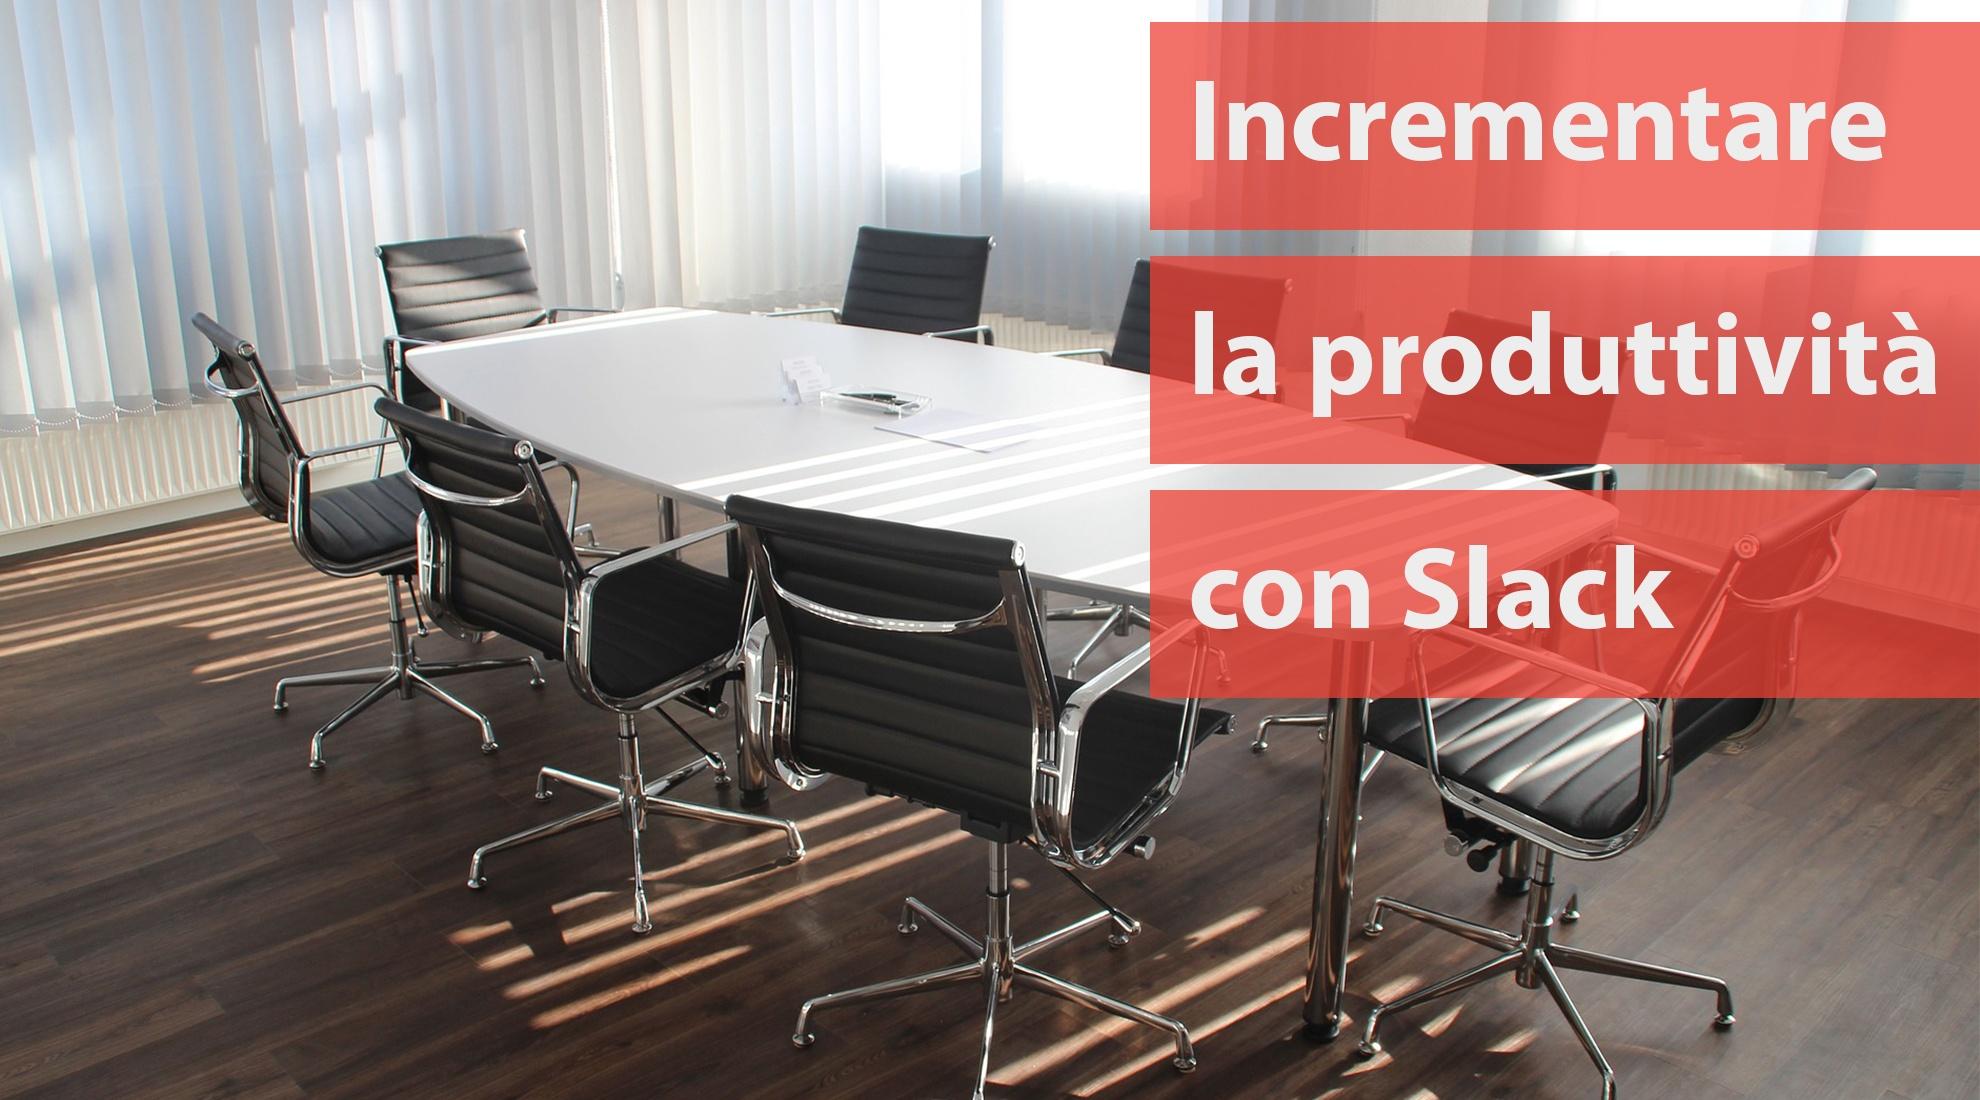 incrementare-produttività-con-slack.jpg